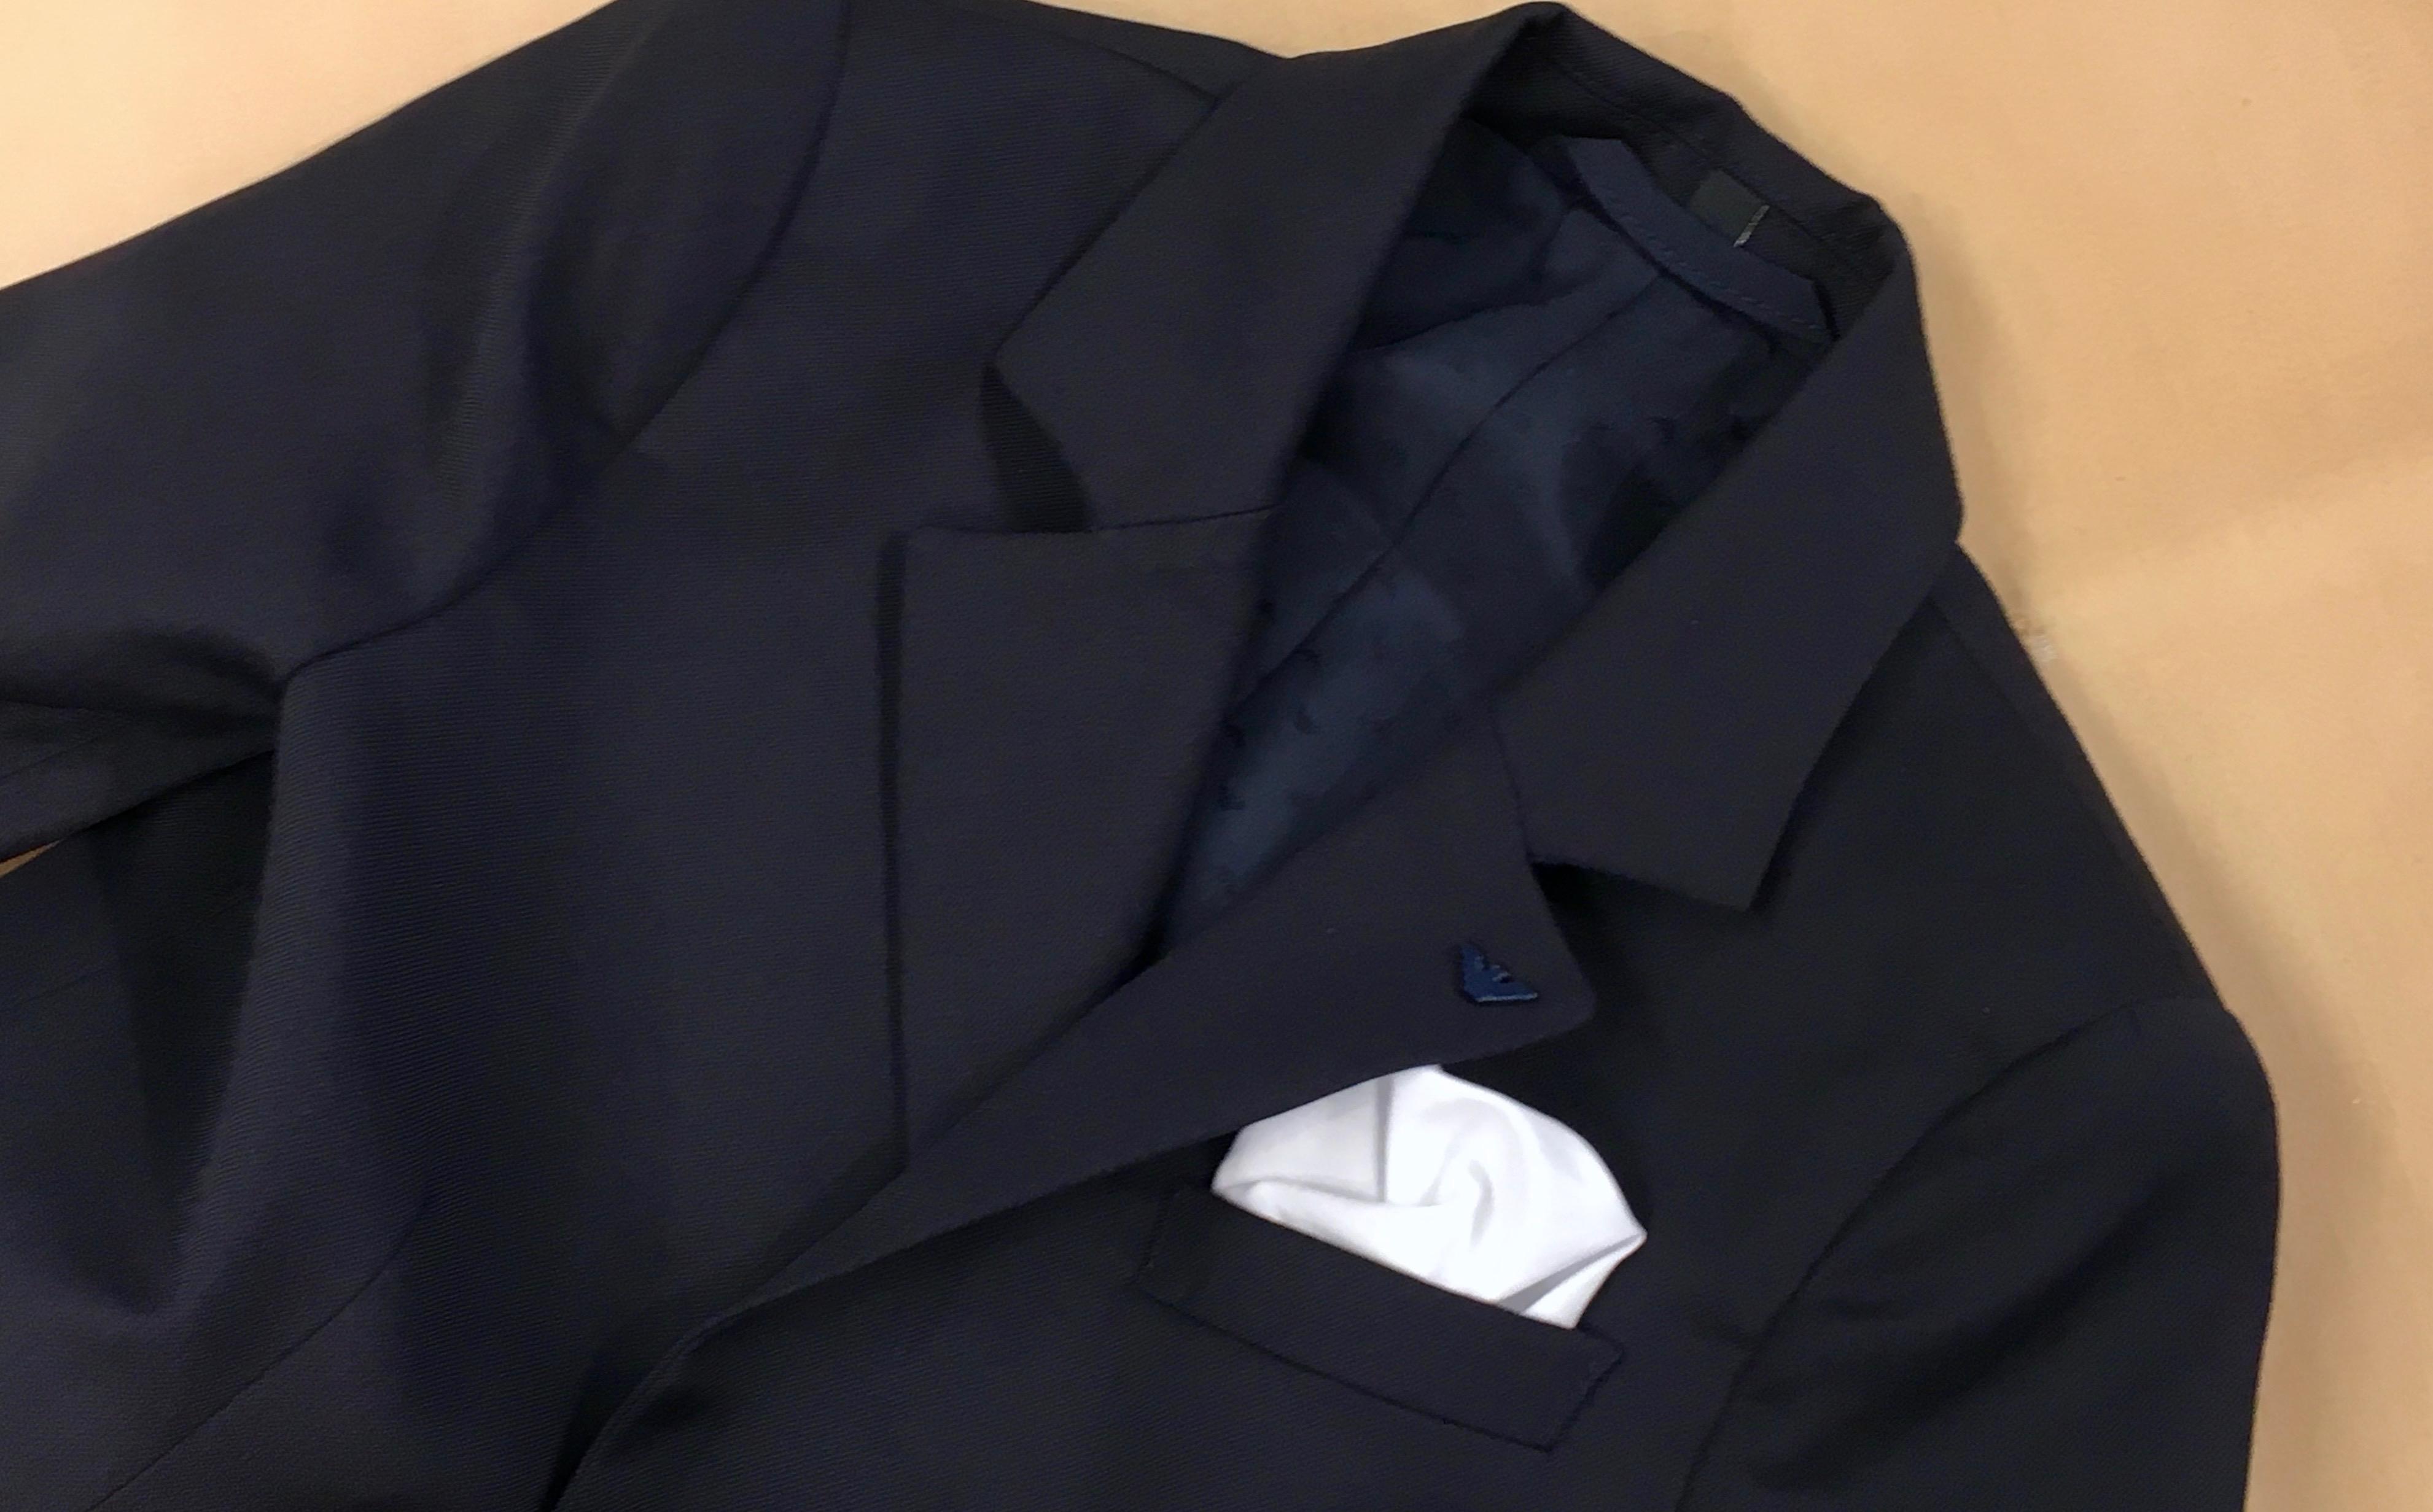 CENTO☆キッズスーツをクリーニング